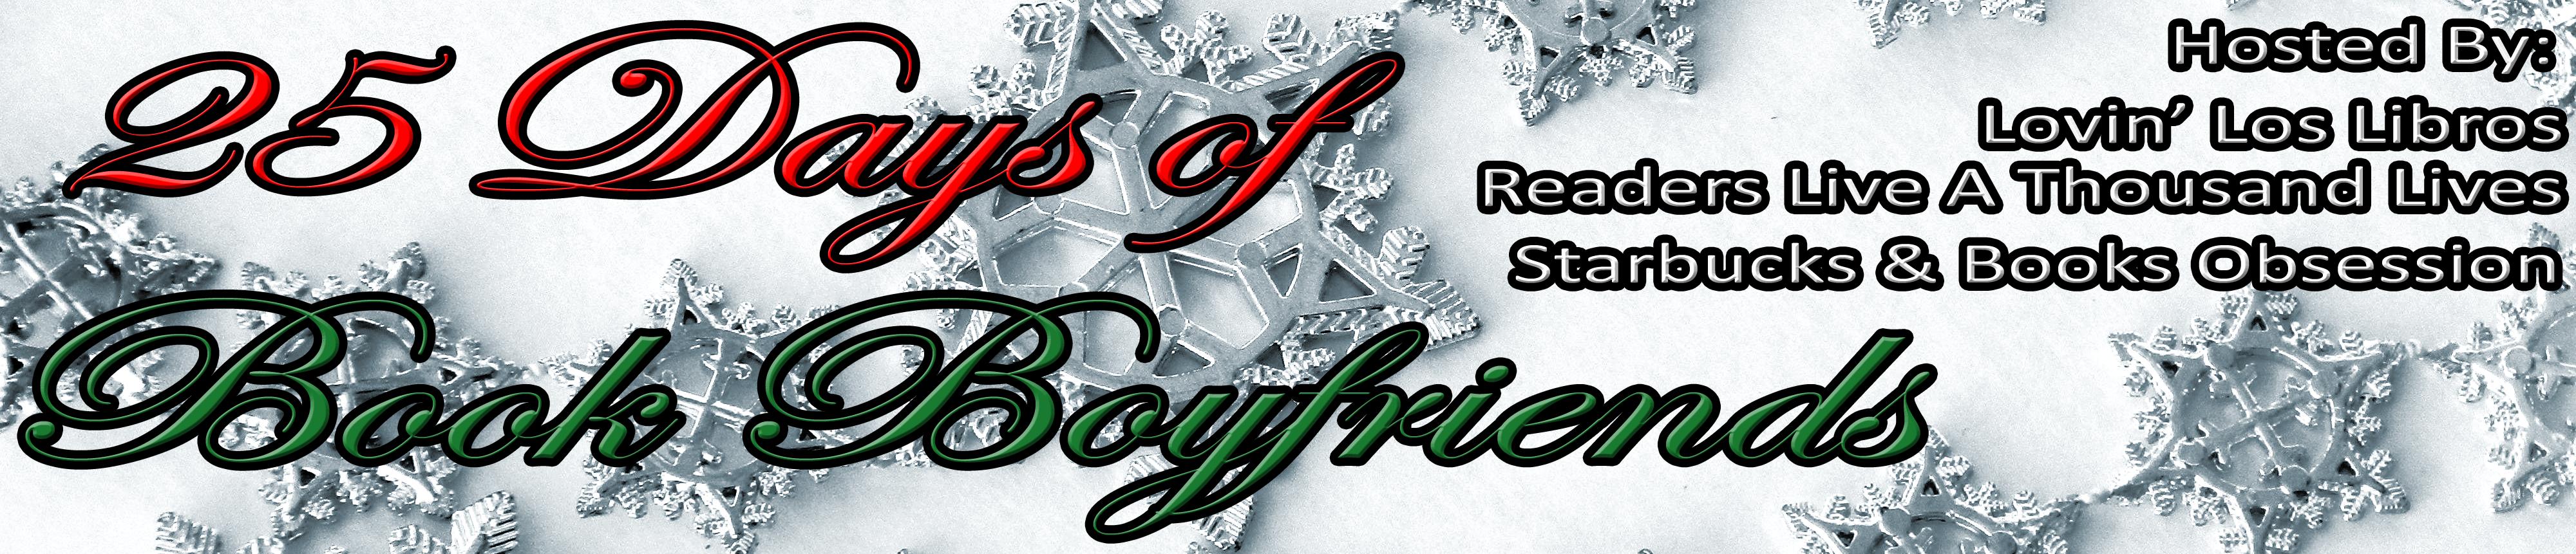 25 days book boyfriends banner_edwardian script